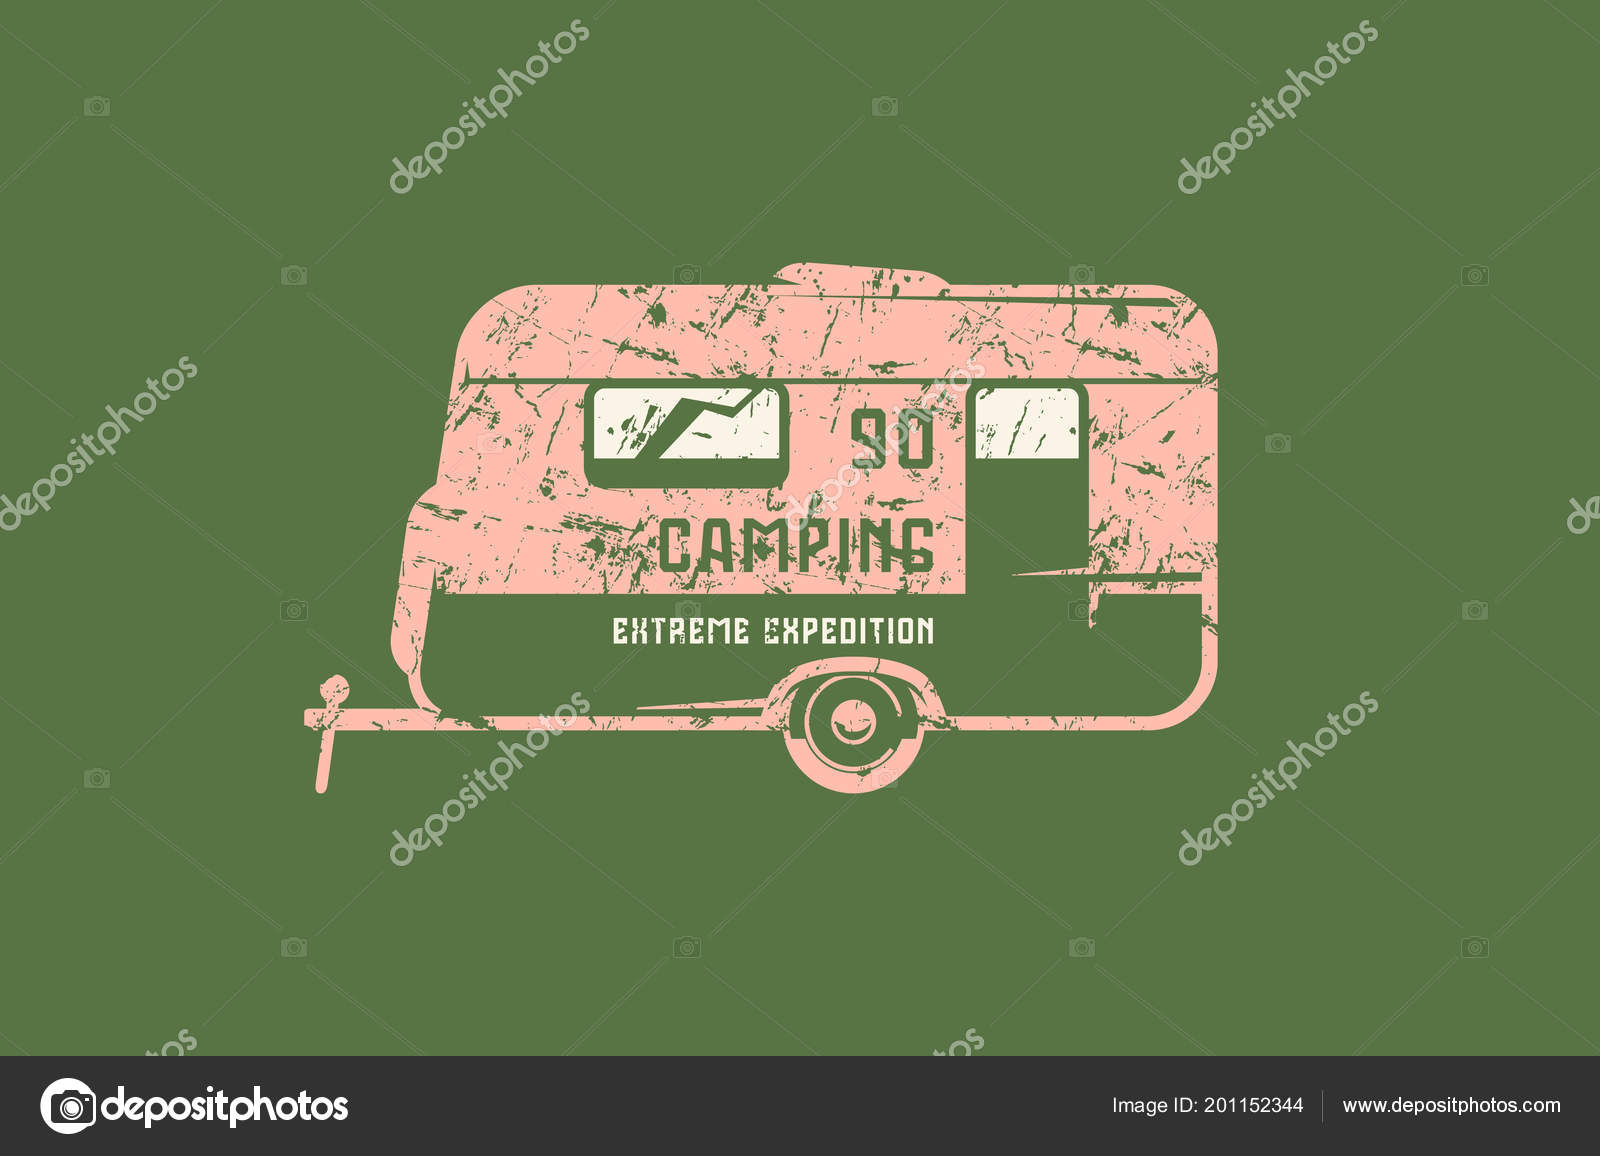 c2b3c760c Emblema con textura áspera para coche camping. Diseño gráfico para la  camiseta. Color impresión en fondo verde — Vector de ...